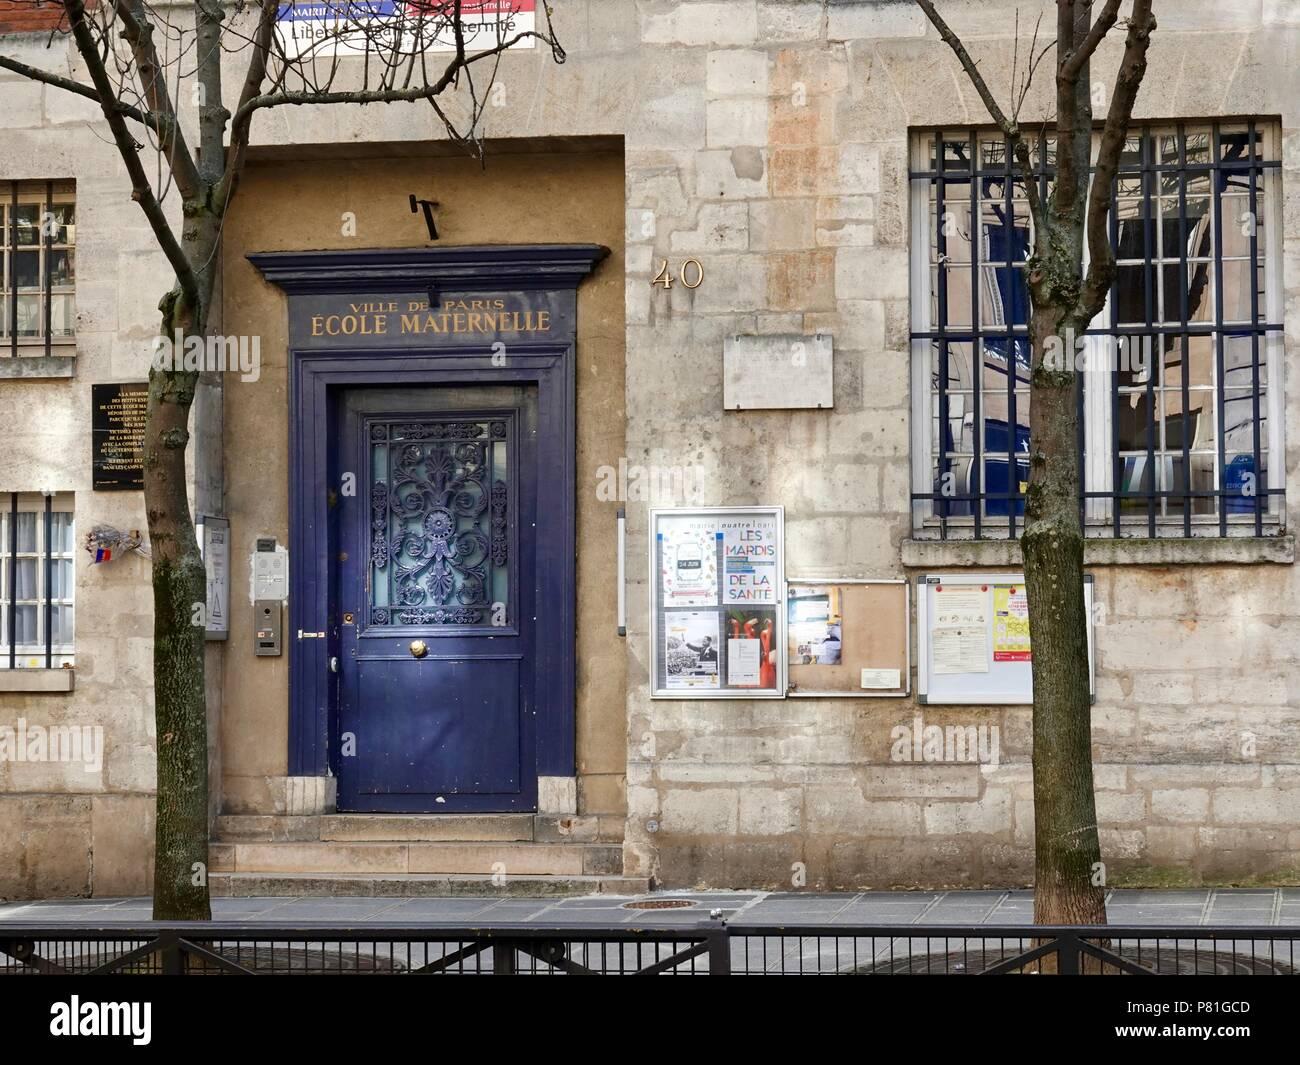 Entrée de l'école maternelle, l'école maternelle française, sur la rue des Archives, Paris, France. Banque D'Images